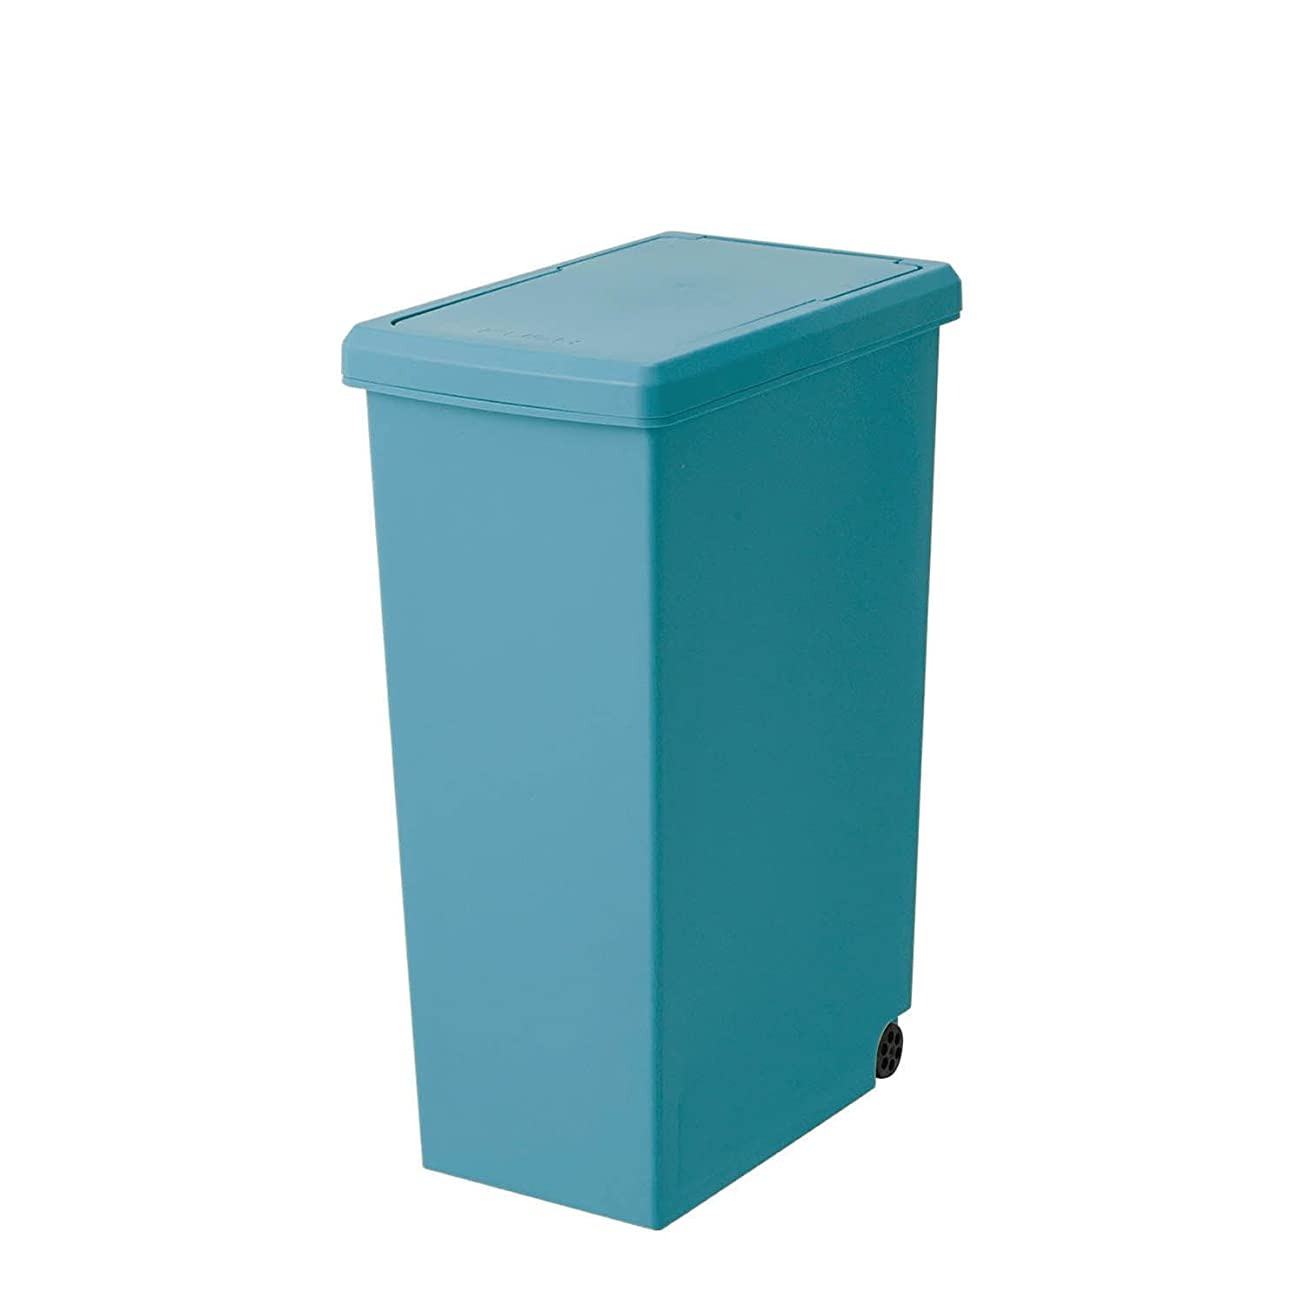 塊尊敬するそれぞれ[ベルメゾン] フタ付きゴミ箱 スリム スライドフタ 幅約24 奥行約37 約30L ブルー